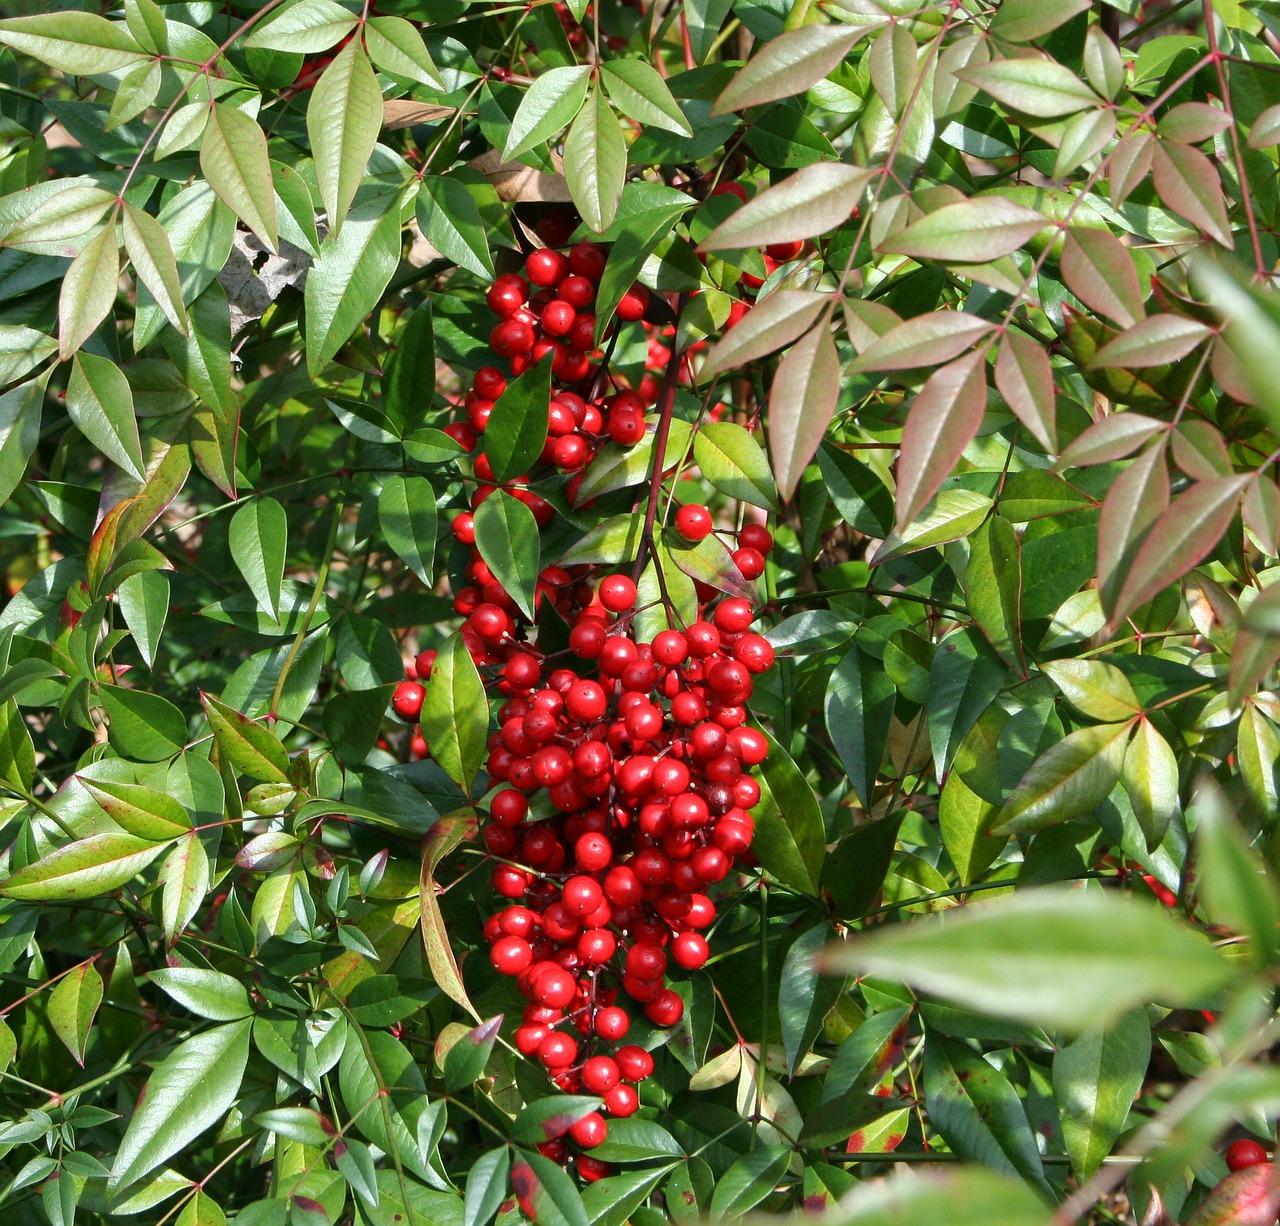 La nandina produce frutos rojos en invierno